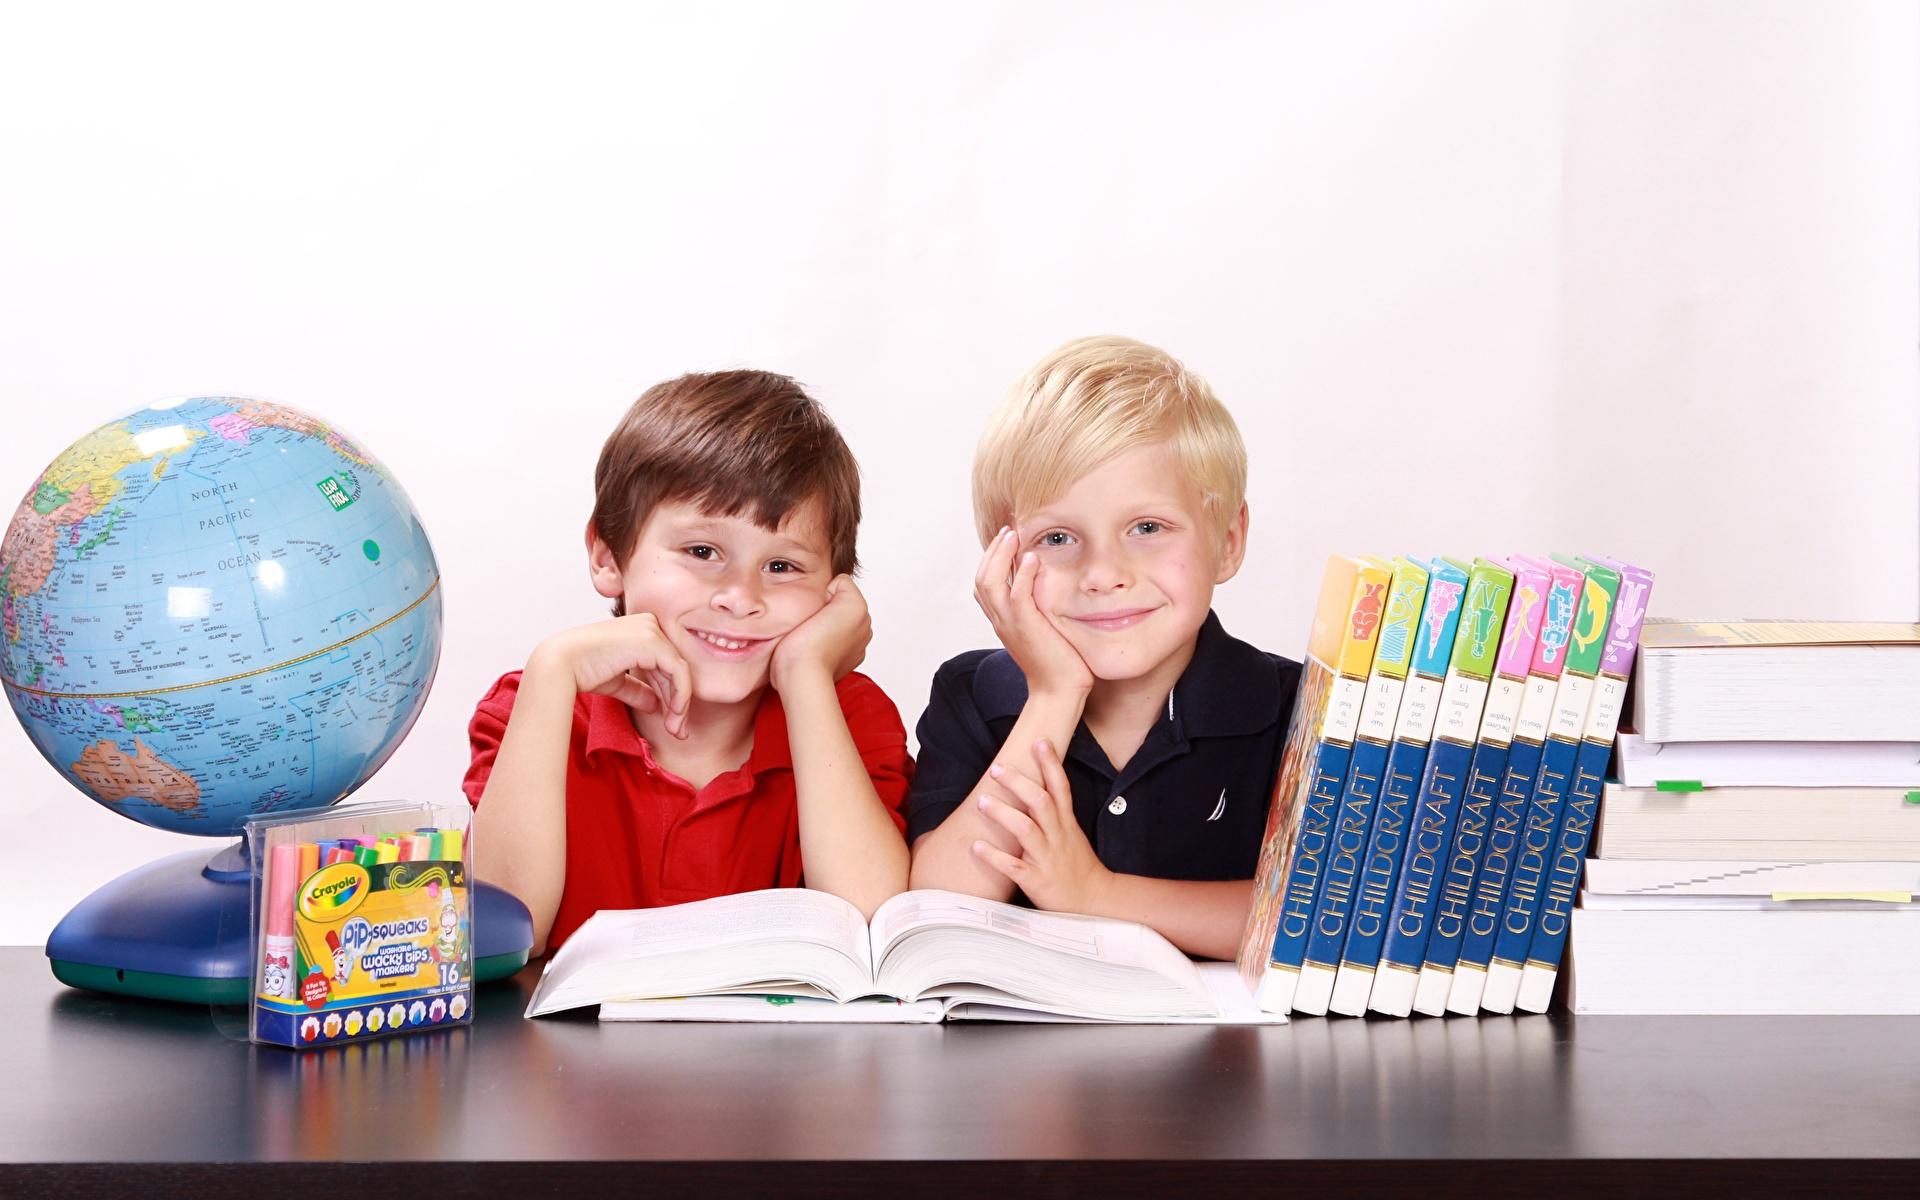 Hintergrundbilder Junge Schule Globus Lächeln Kinder Zwei Buch Sitzend 1920x1200 2